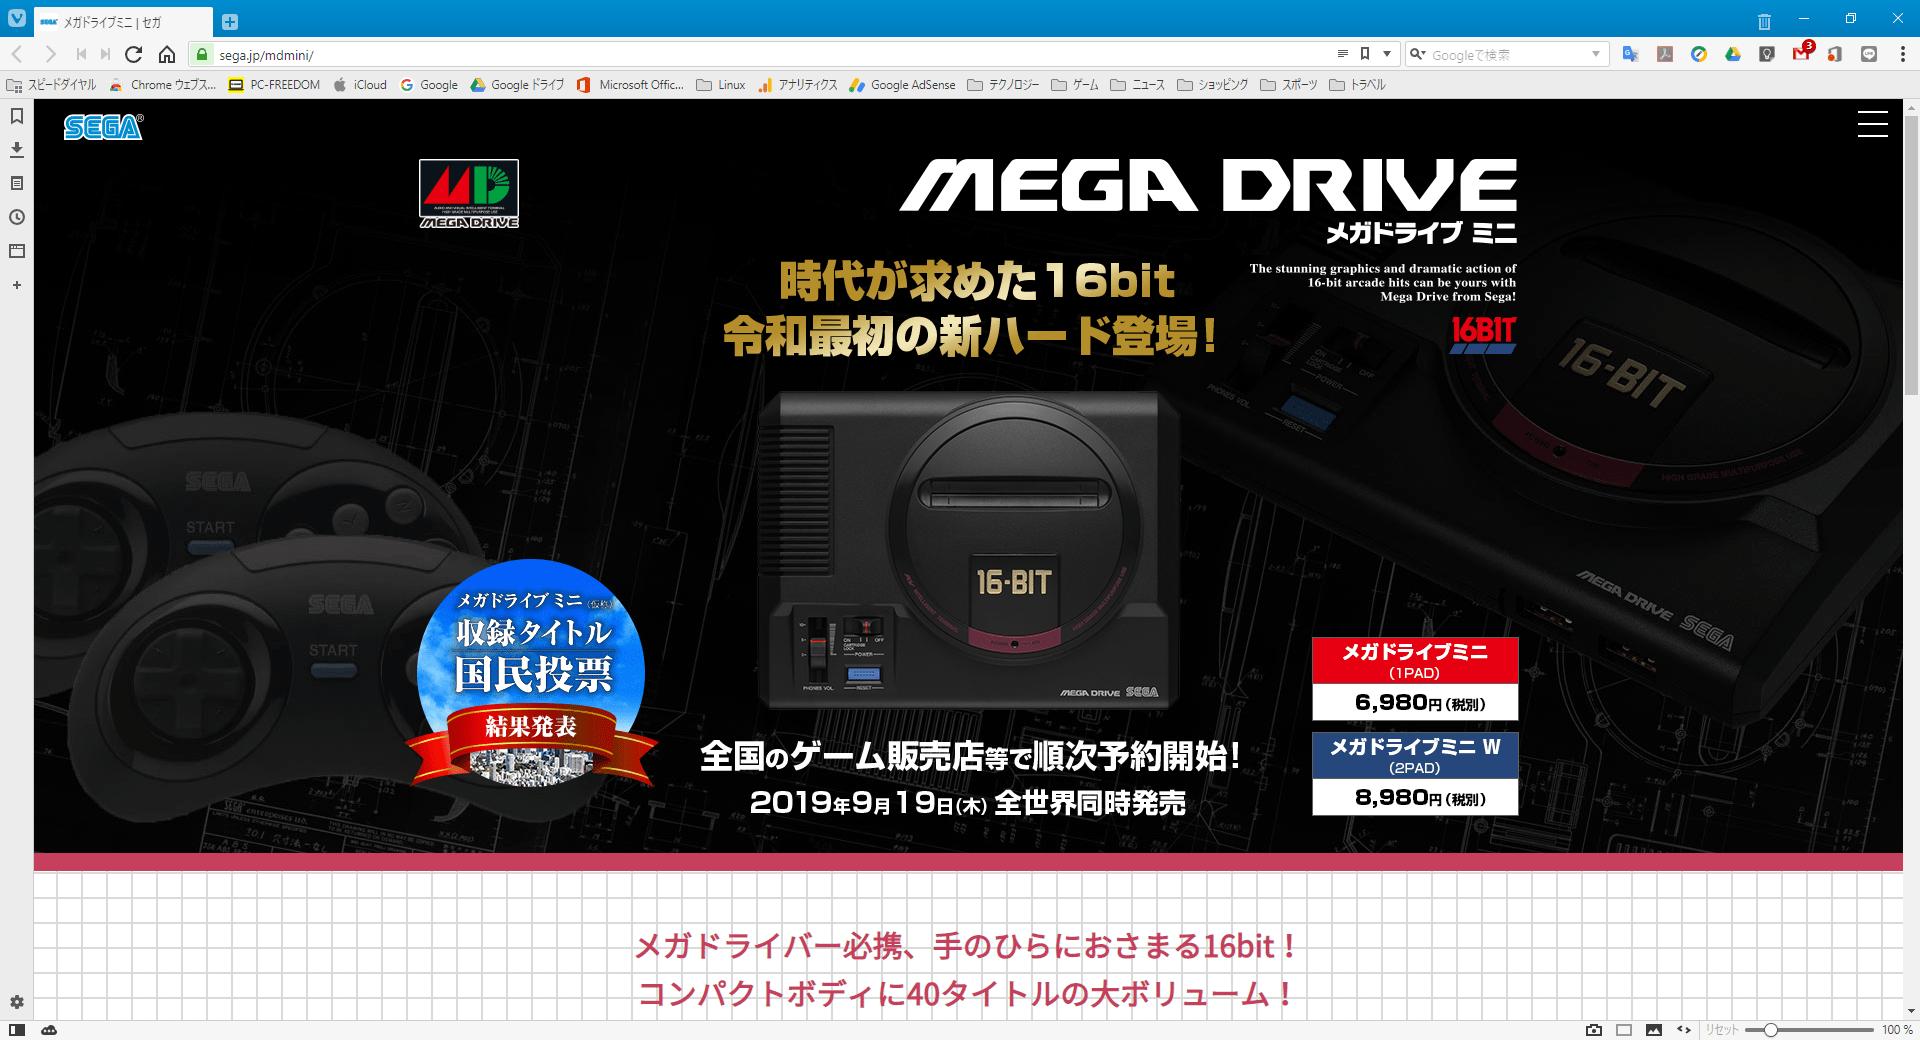 話題のメガドライブミニを発売日前に手に入れる?!